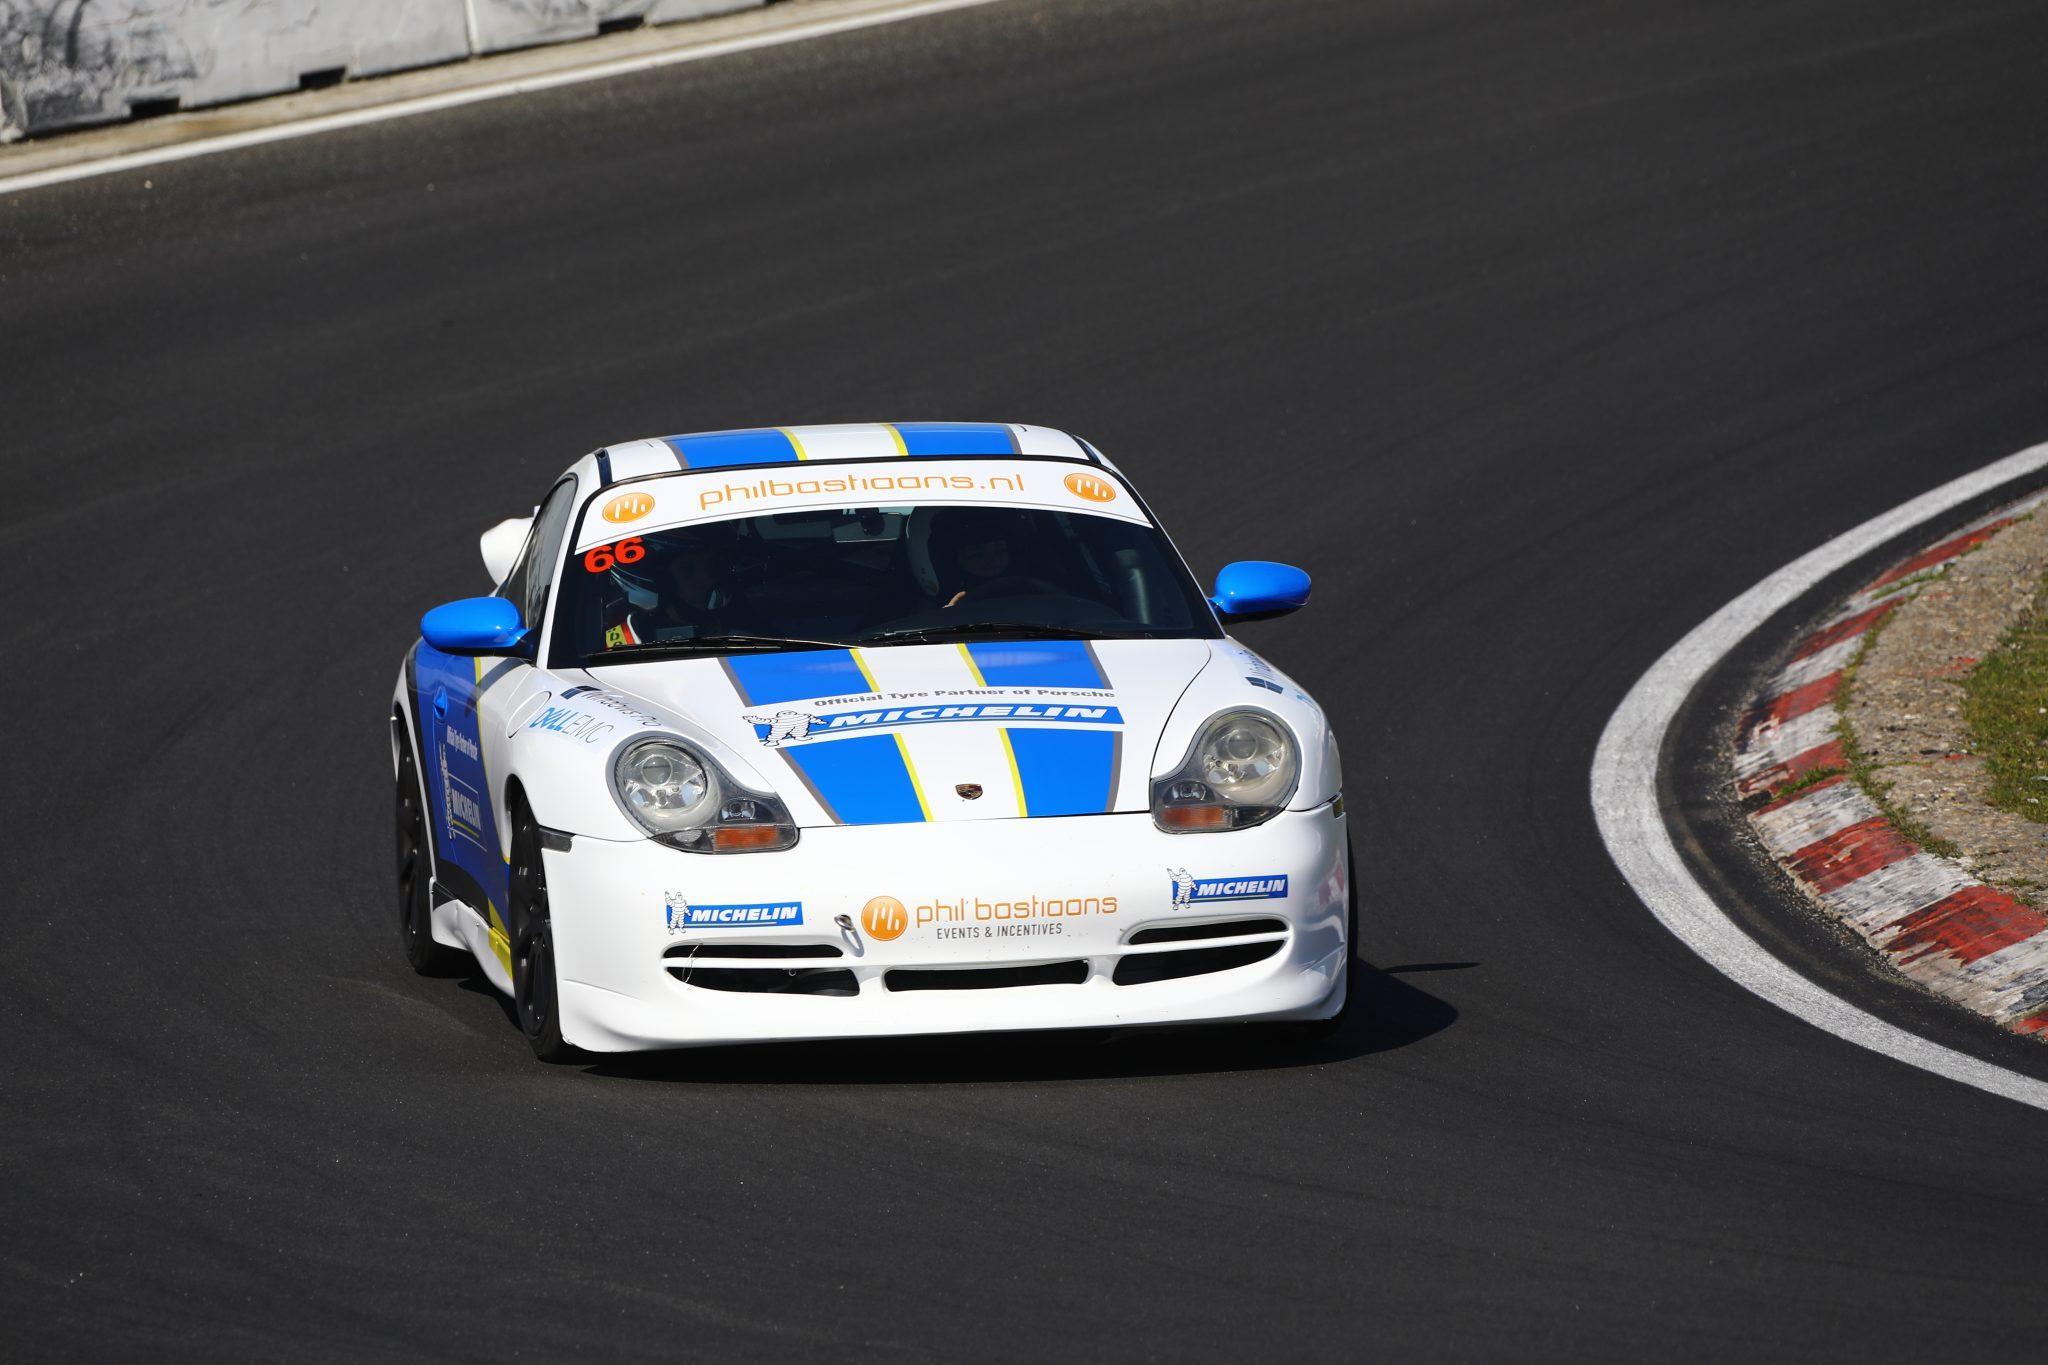 Raceauto Te Koop Driversdays